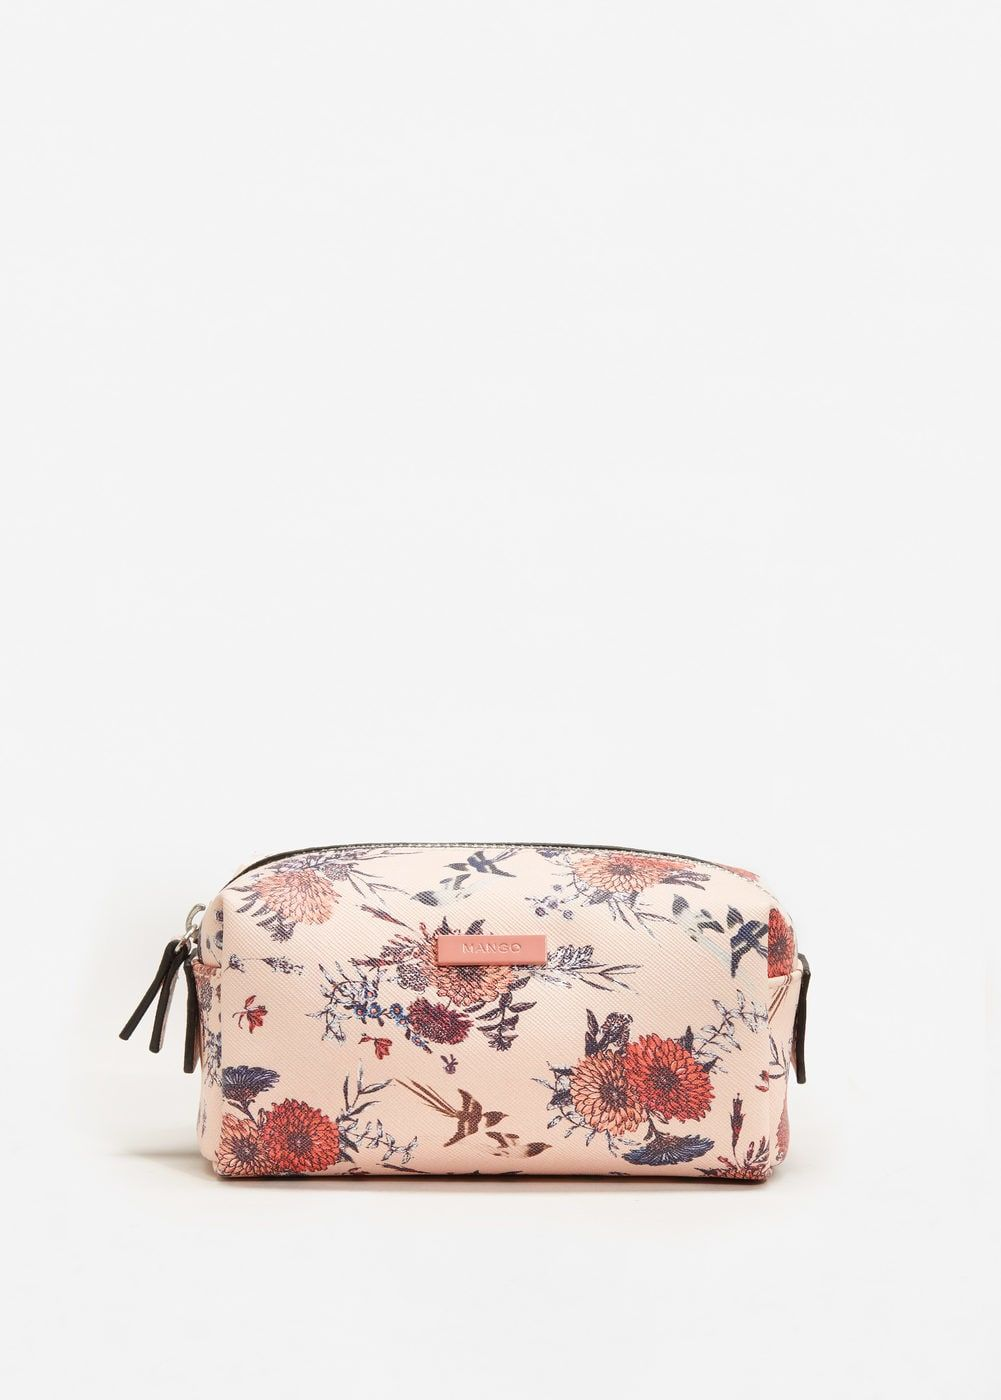 b7a41d5ce4bd4 Çiçekli safiano efektli kozmetik çantası - Cüzdan ve kozmetik ...